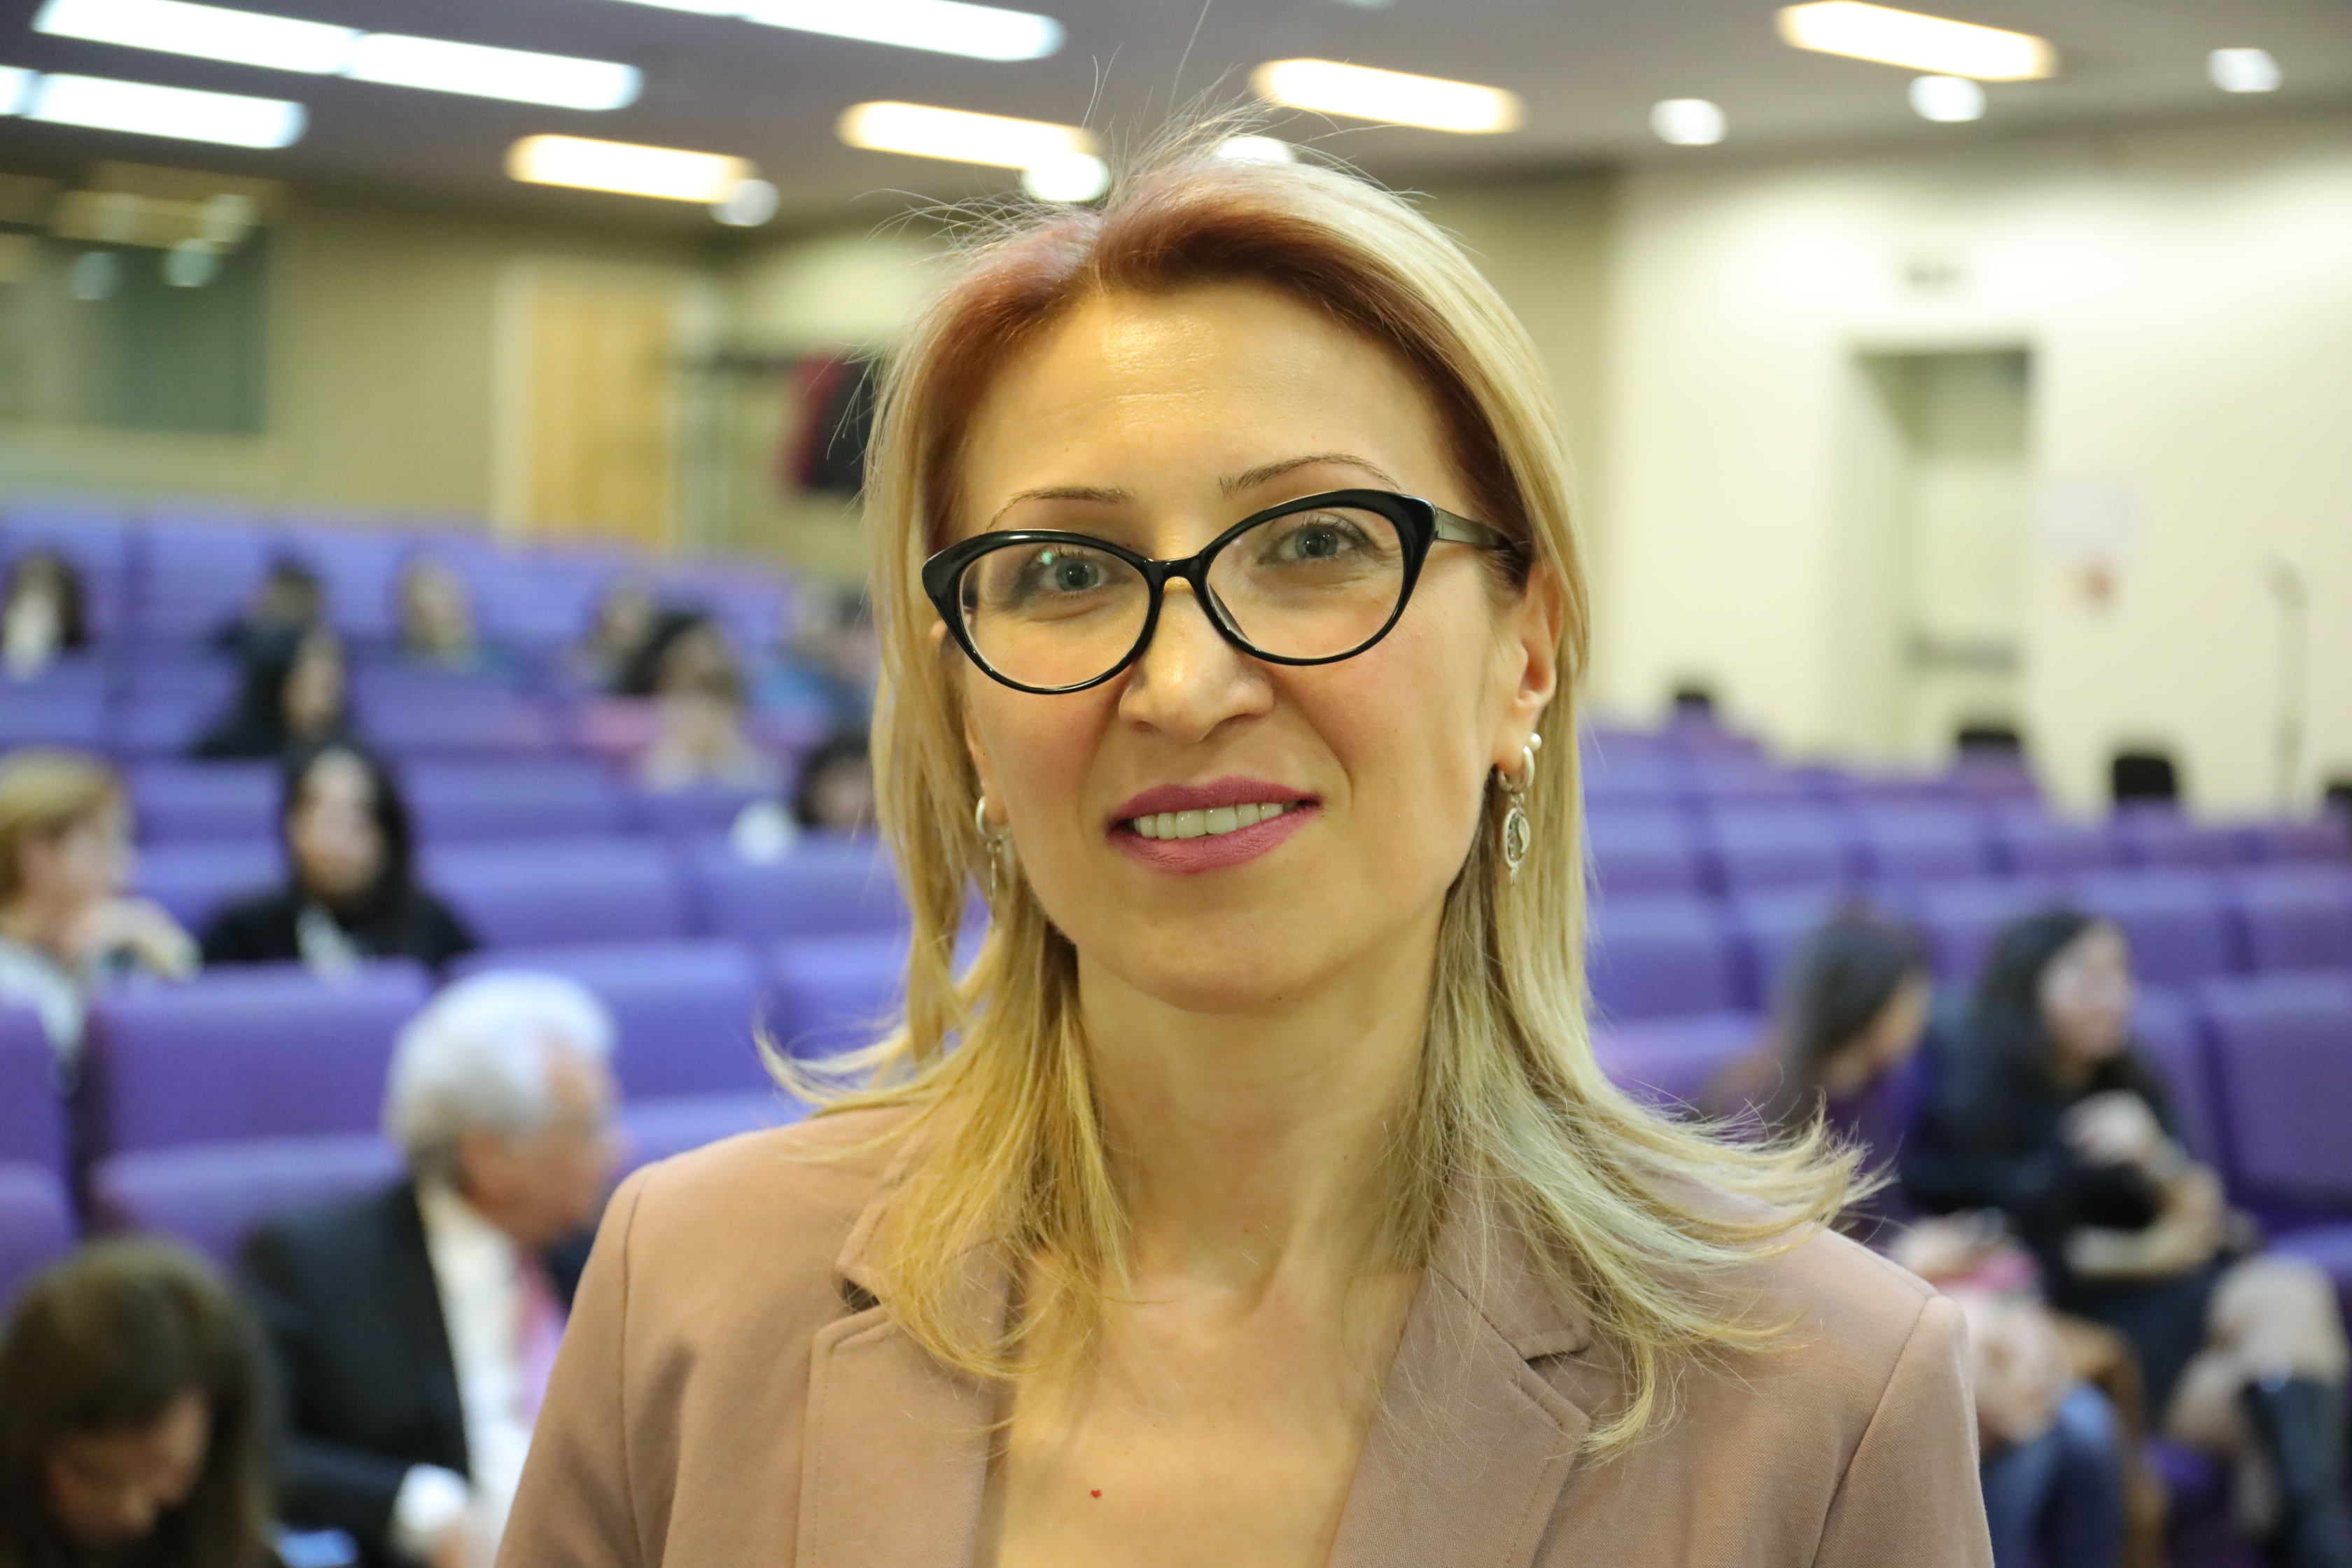 Mane Tandilyan, MBA 2002